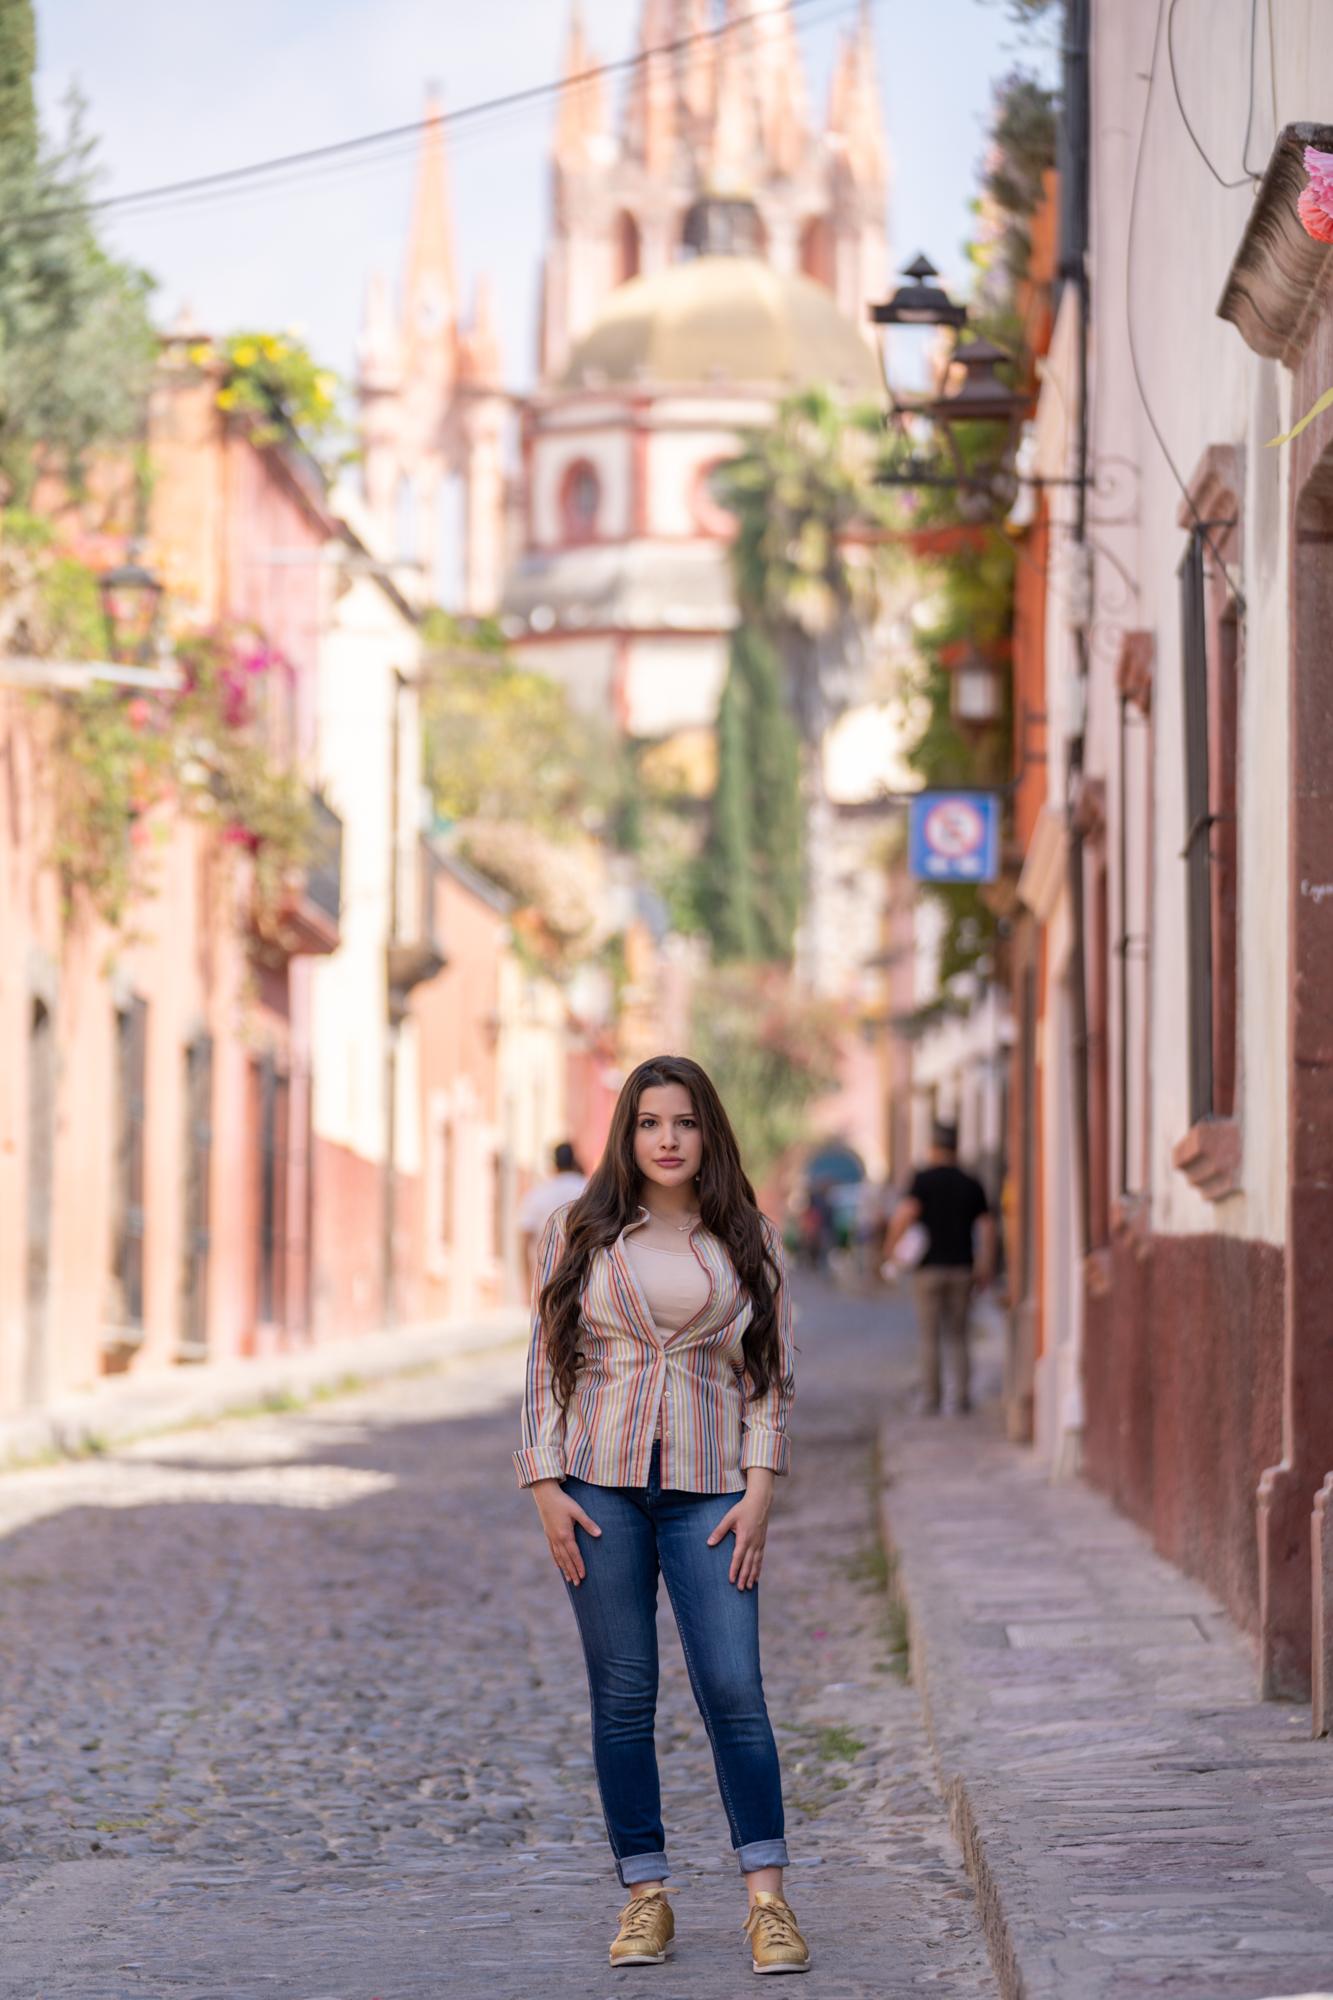 Sesion de Fotos en San Miguel de Allende con Rogelio y su Fmailia-41.jpg